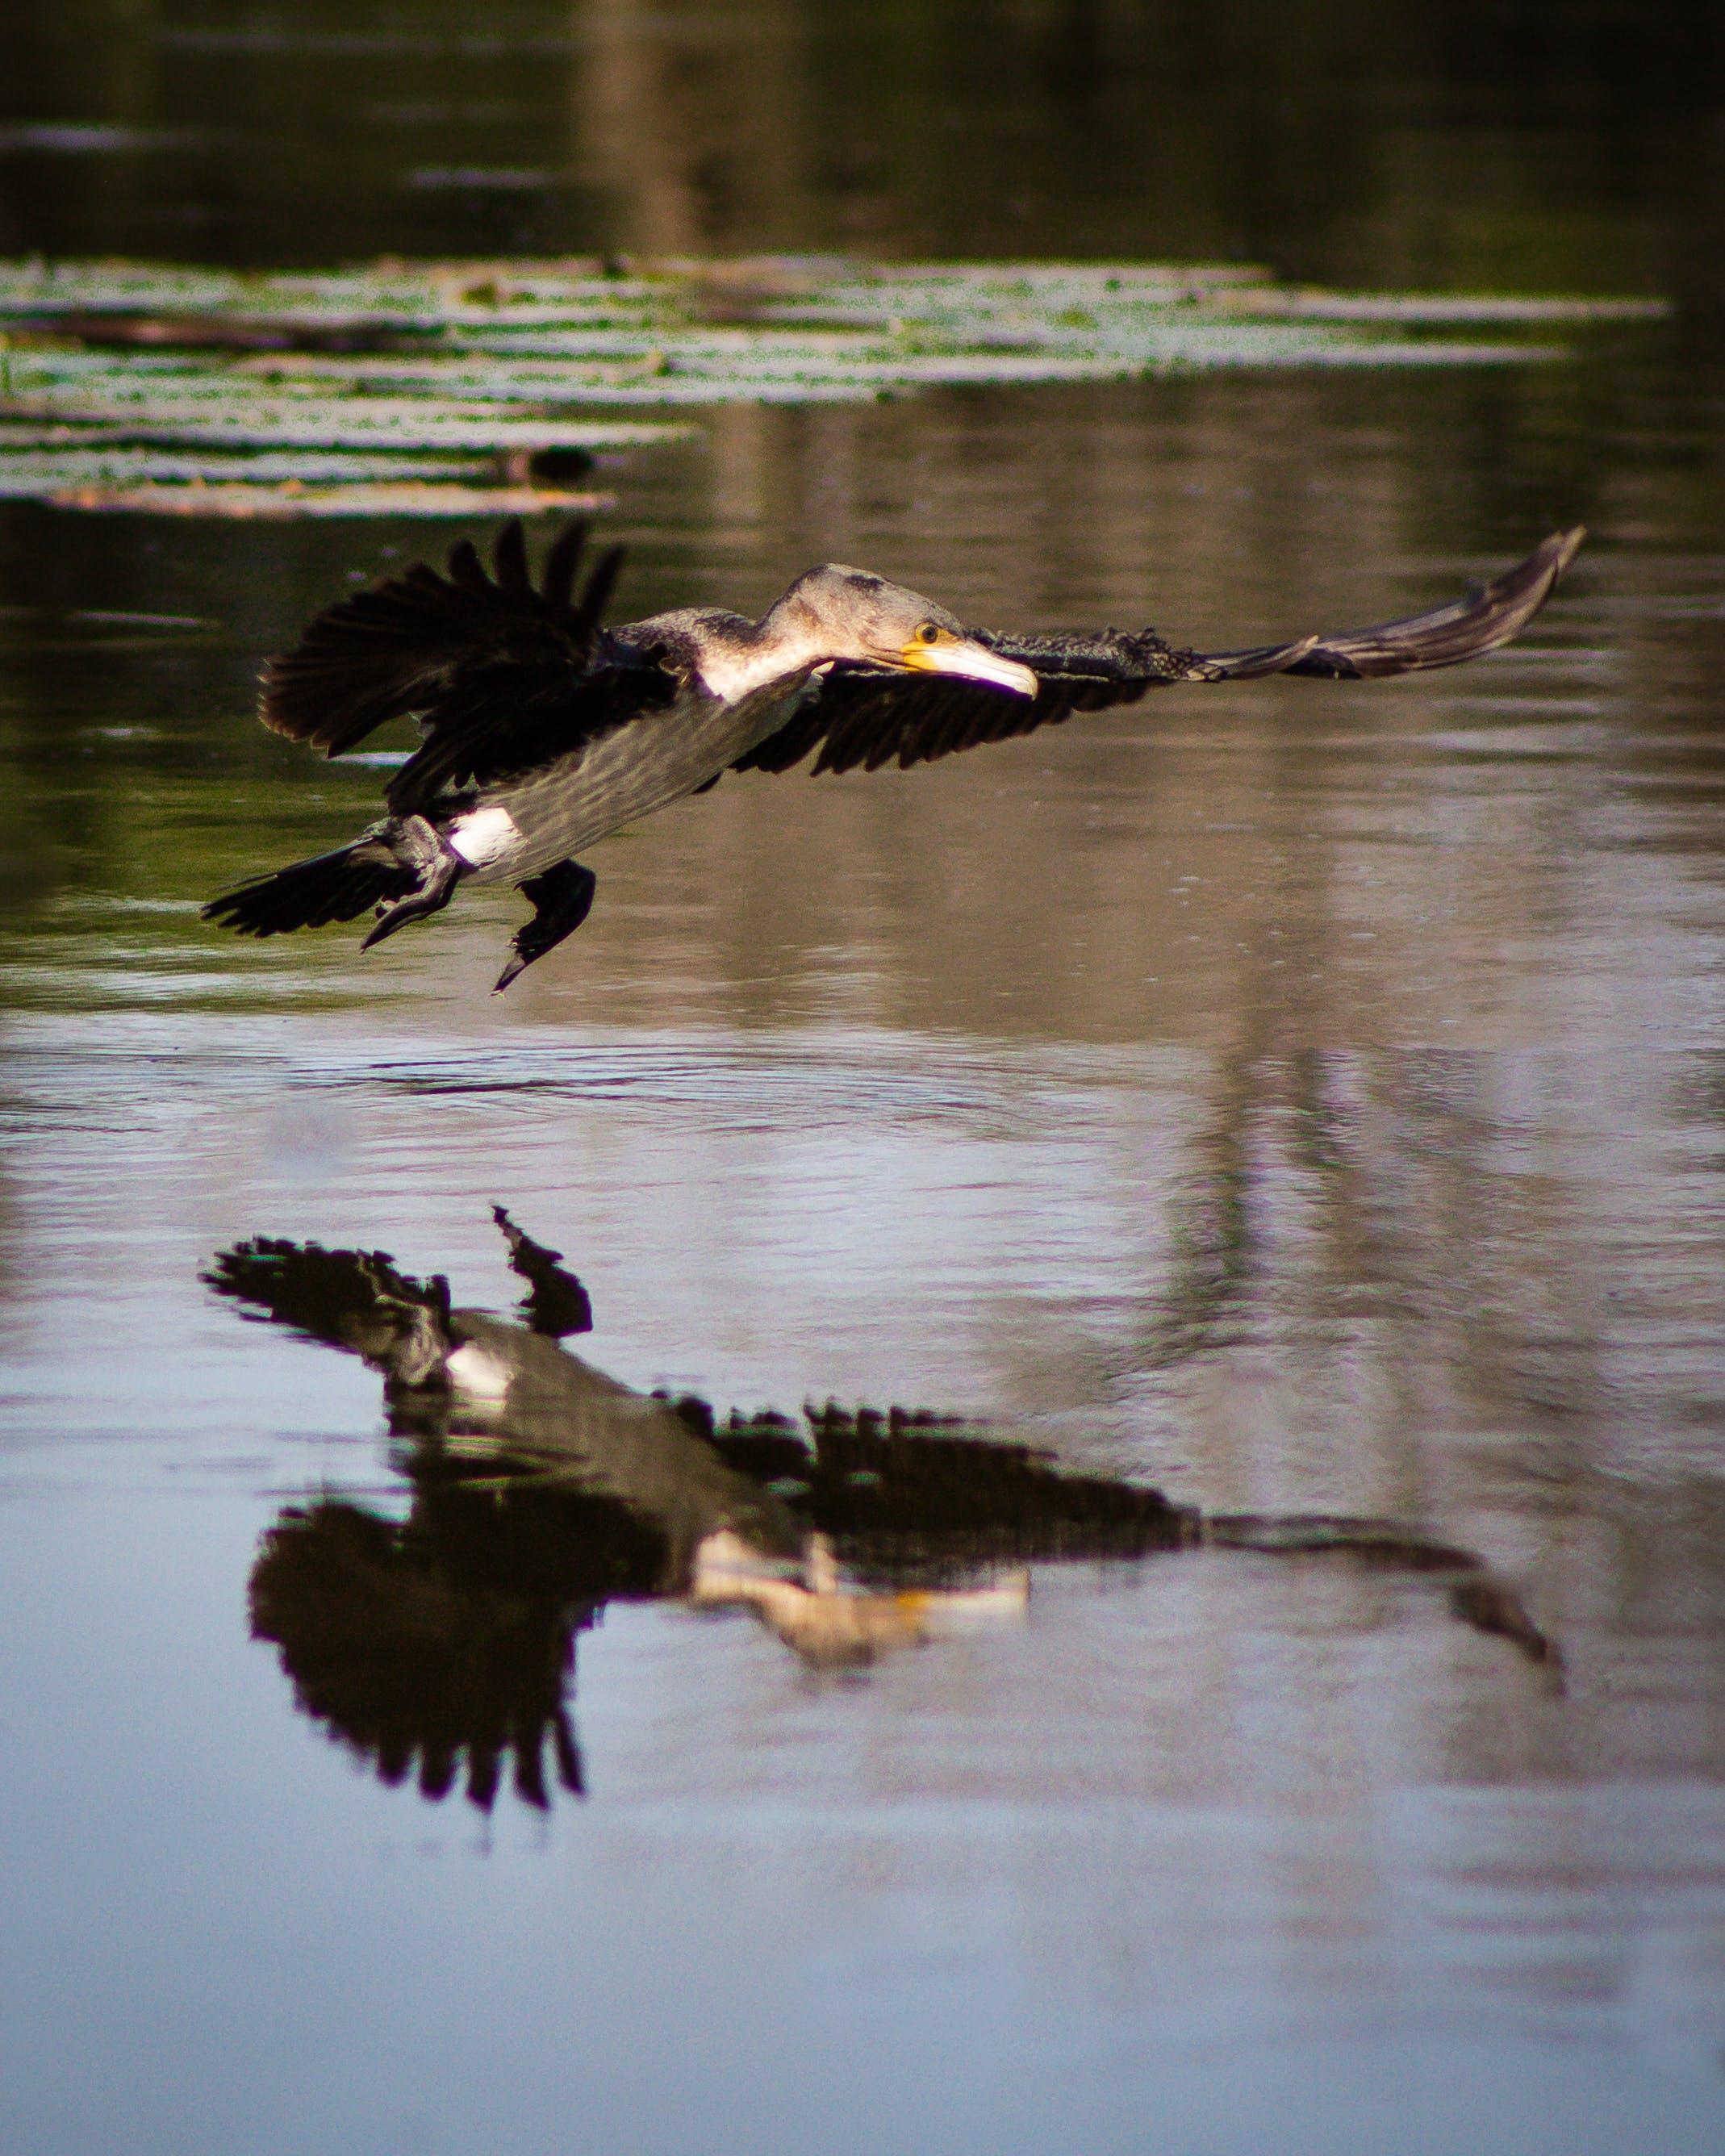 Δωρεάν στοκ φωτογραφιών με άγρια φύση, αντανάκλαση, ζώο, νερό